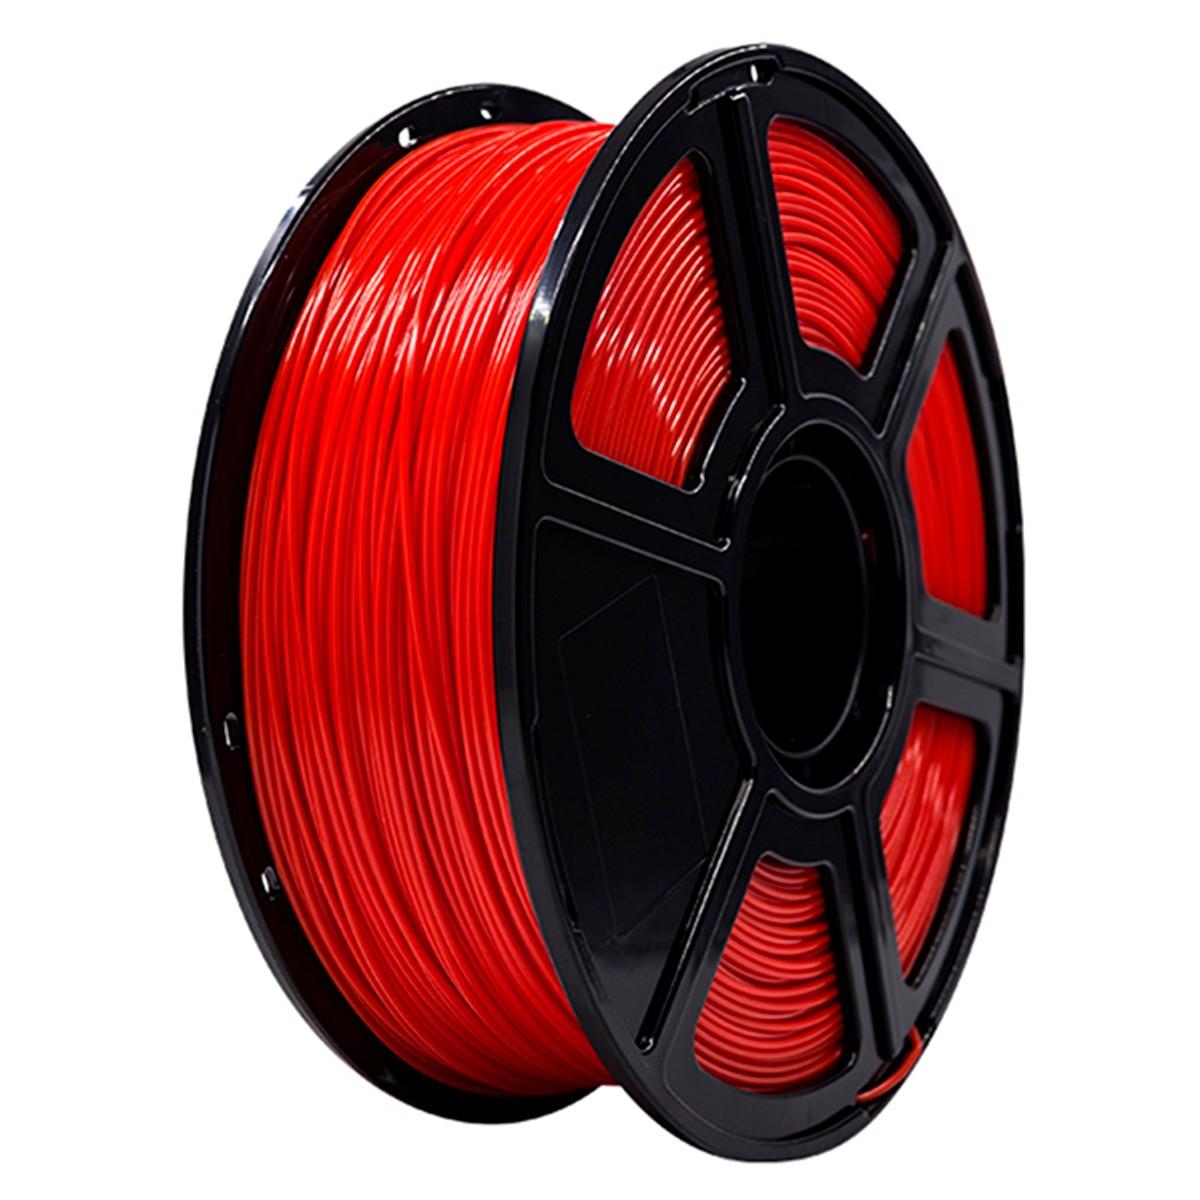 Filamento para Impressora 3D Flashforge PLA Vermelho 0,5 Kg - 28896